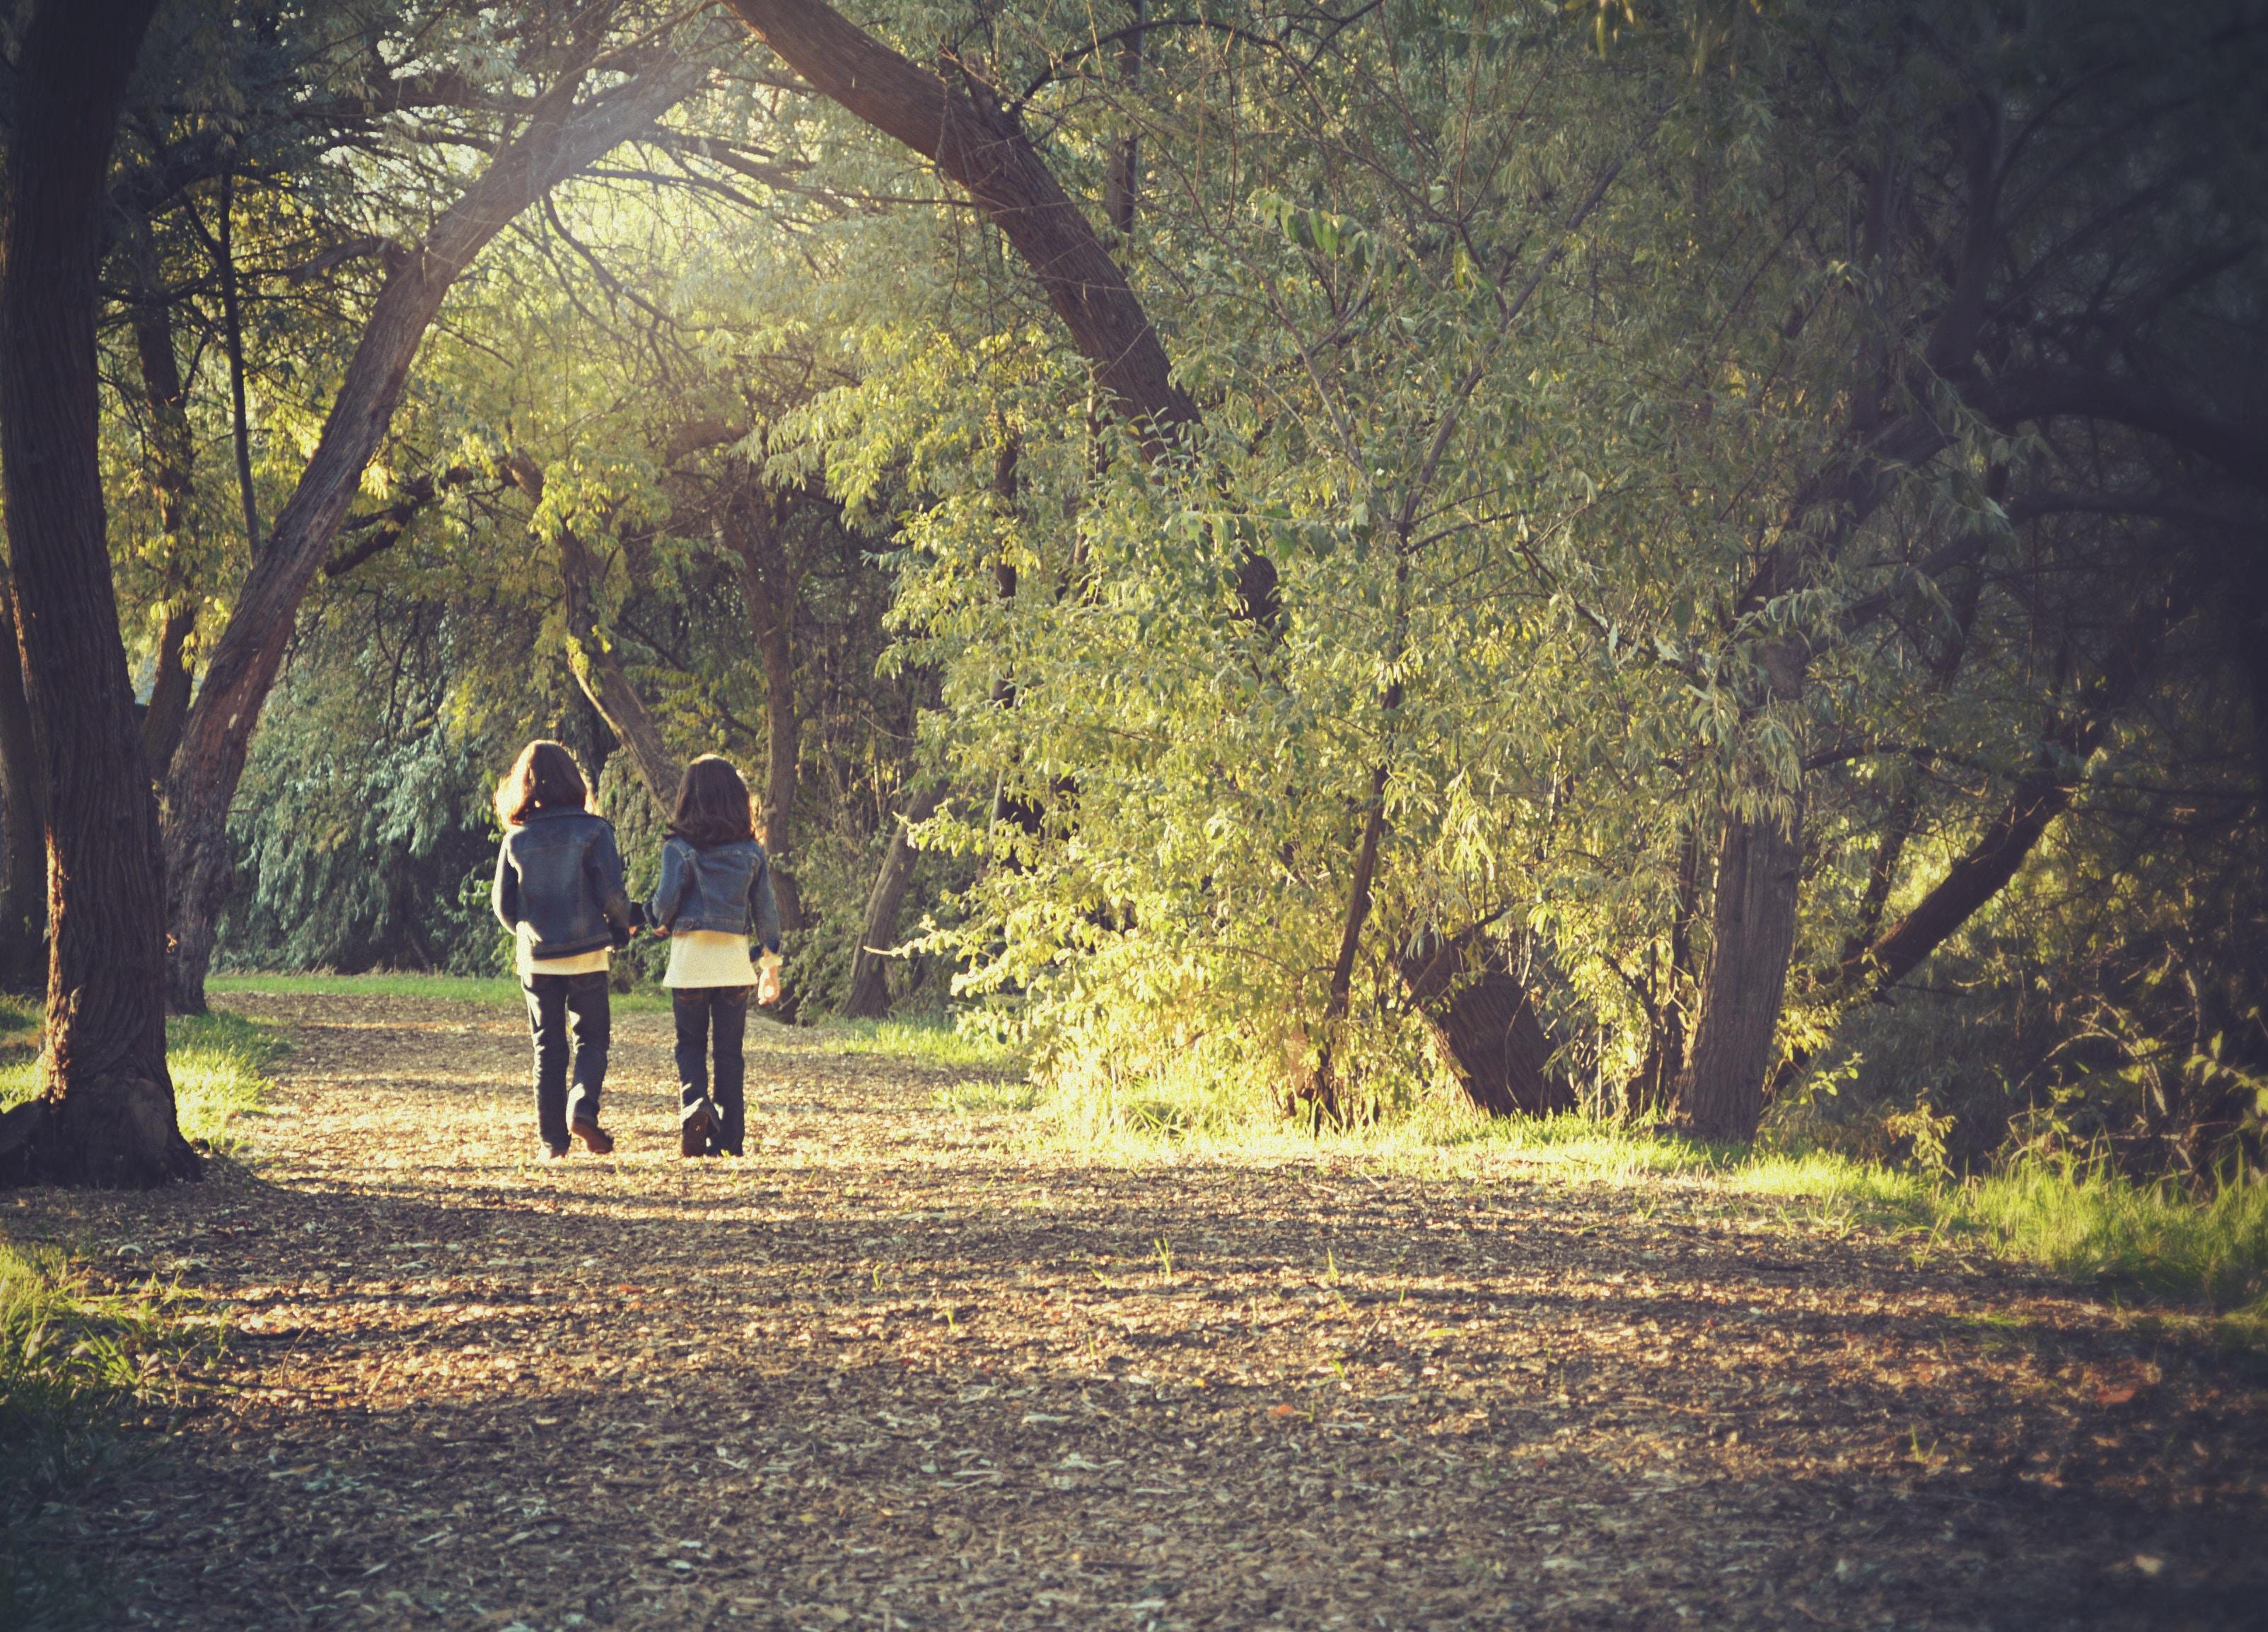 七個走過失落的方法 - 失落花園|高祺淳 諮商心理師